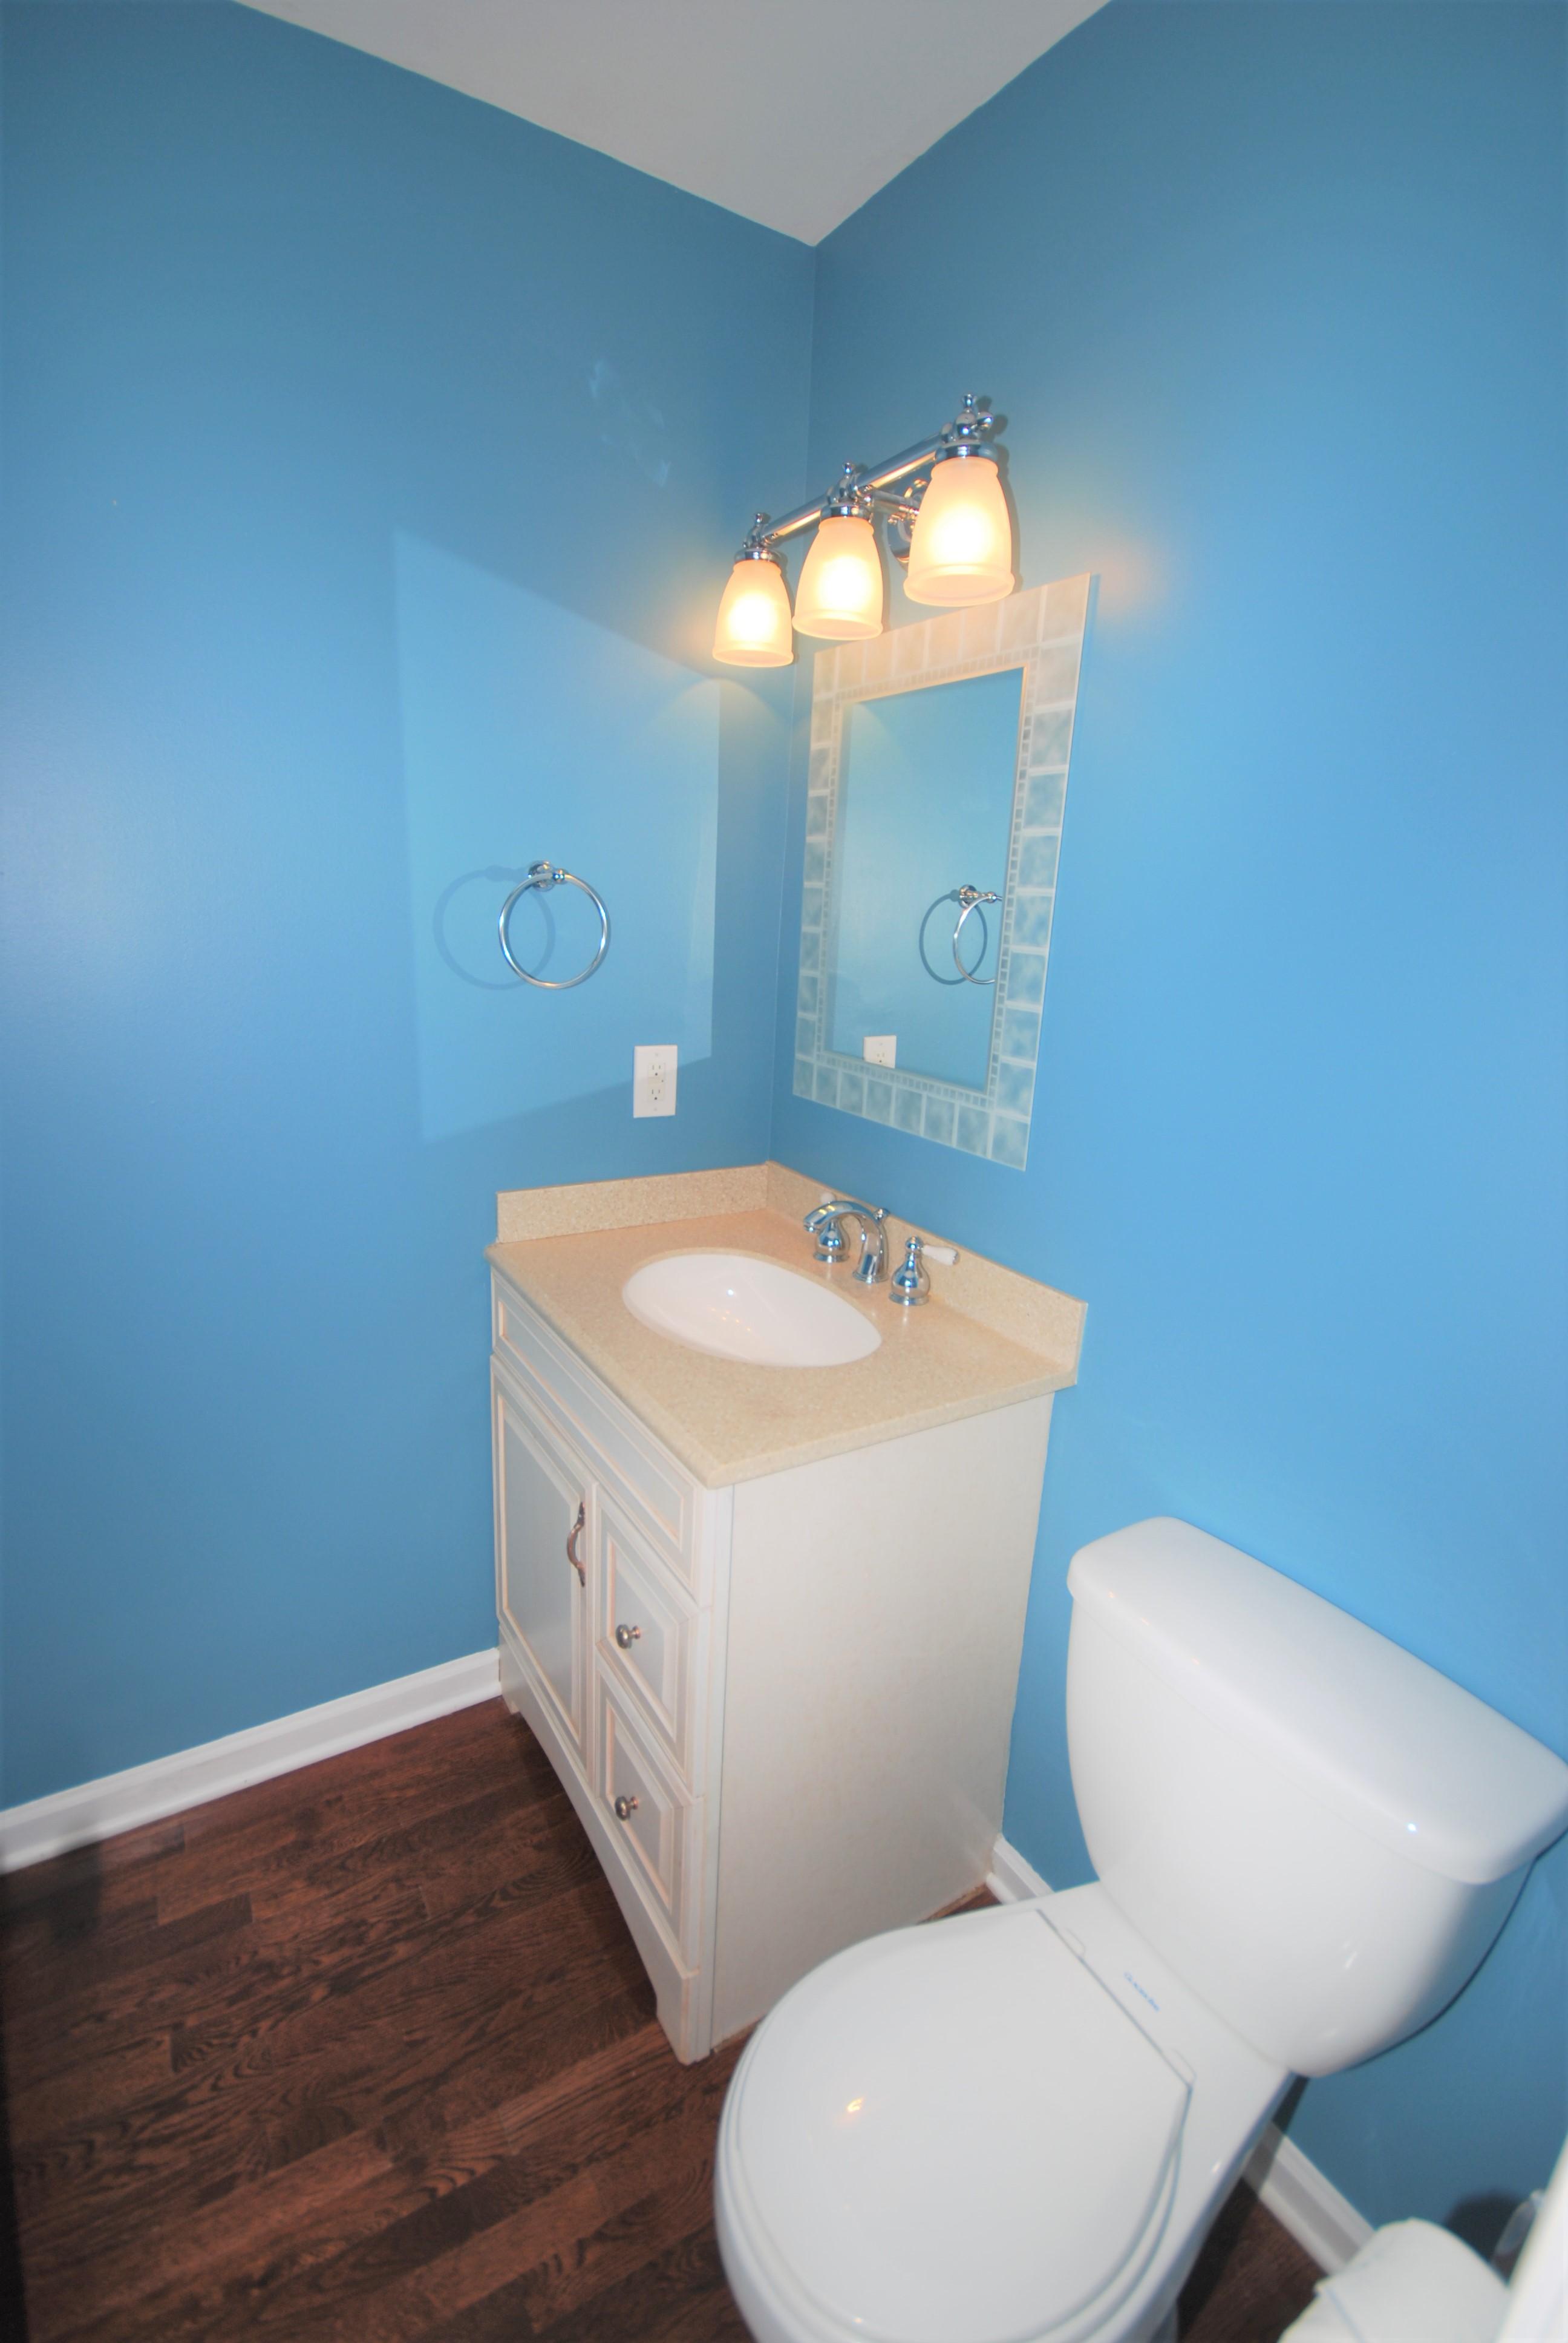 Sold Corner Lot In Cameron Wood 3 Bedroom 2 5 Bathroom